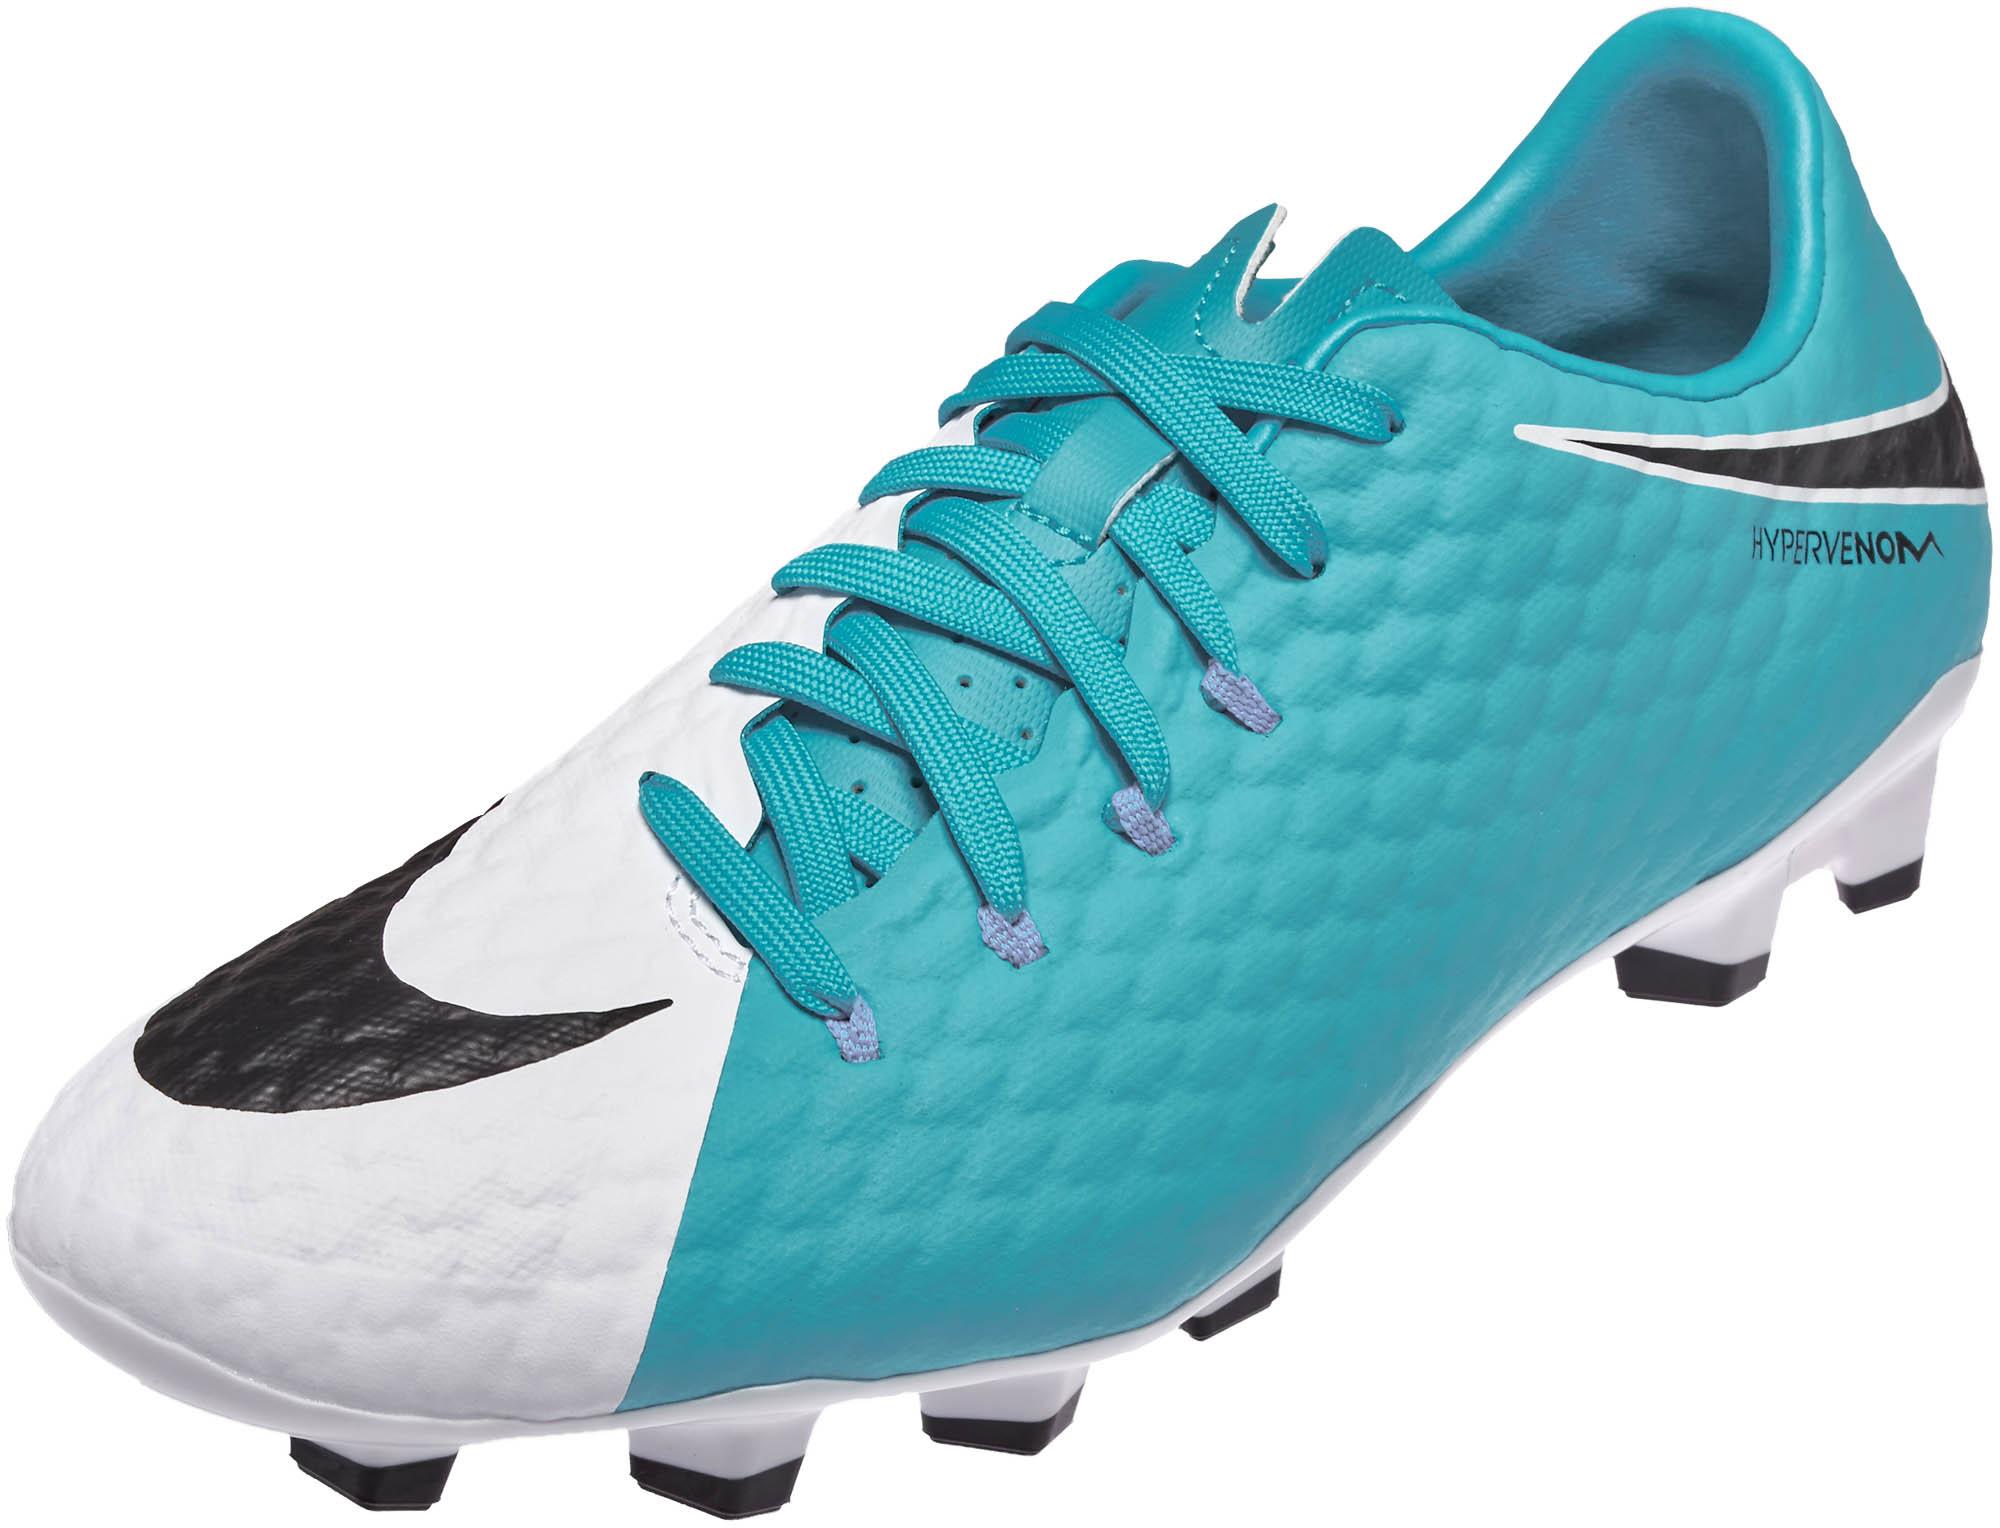 wholesale dealer 84fcc 9d8b9 Nike Hypervenom Phelon III FG Soccer Cleats – White  Photo Blue